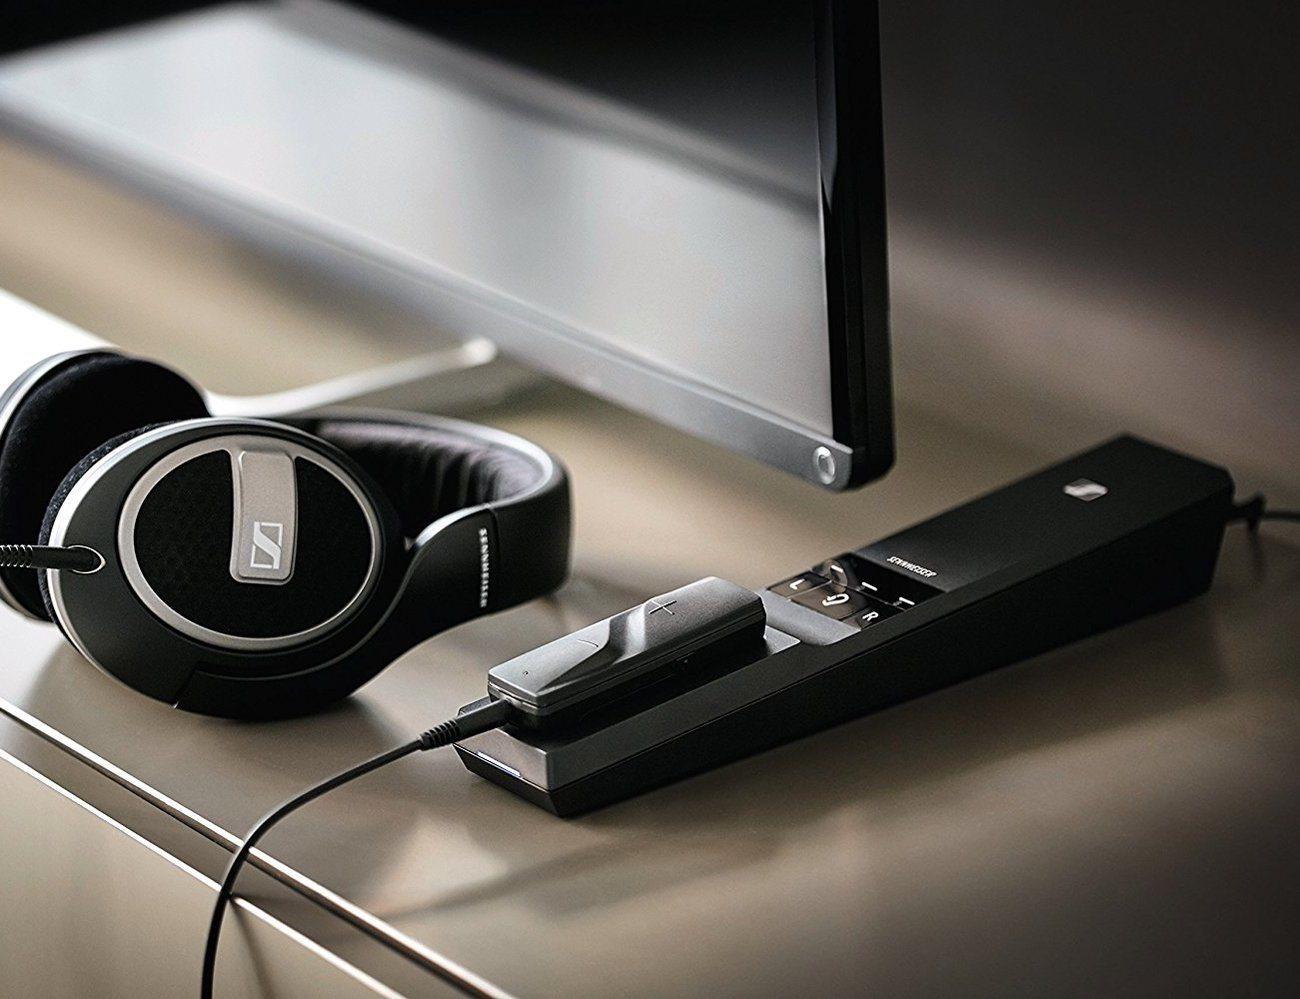 Sennheiser Flex 5000 Wireless Receiver